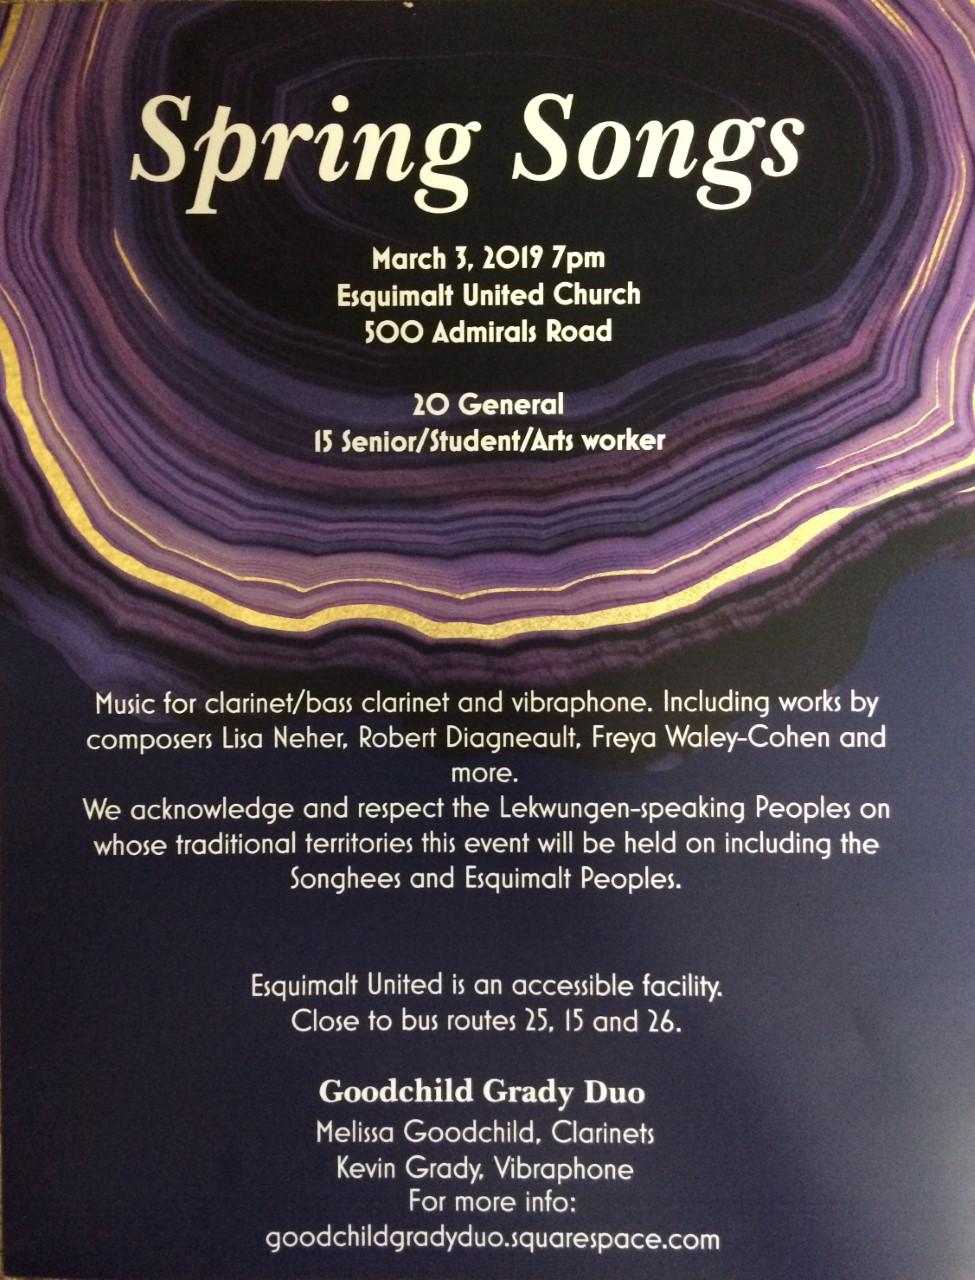 springsongs.jpg